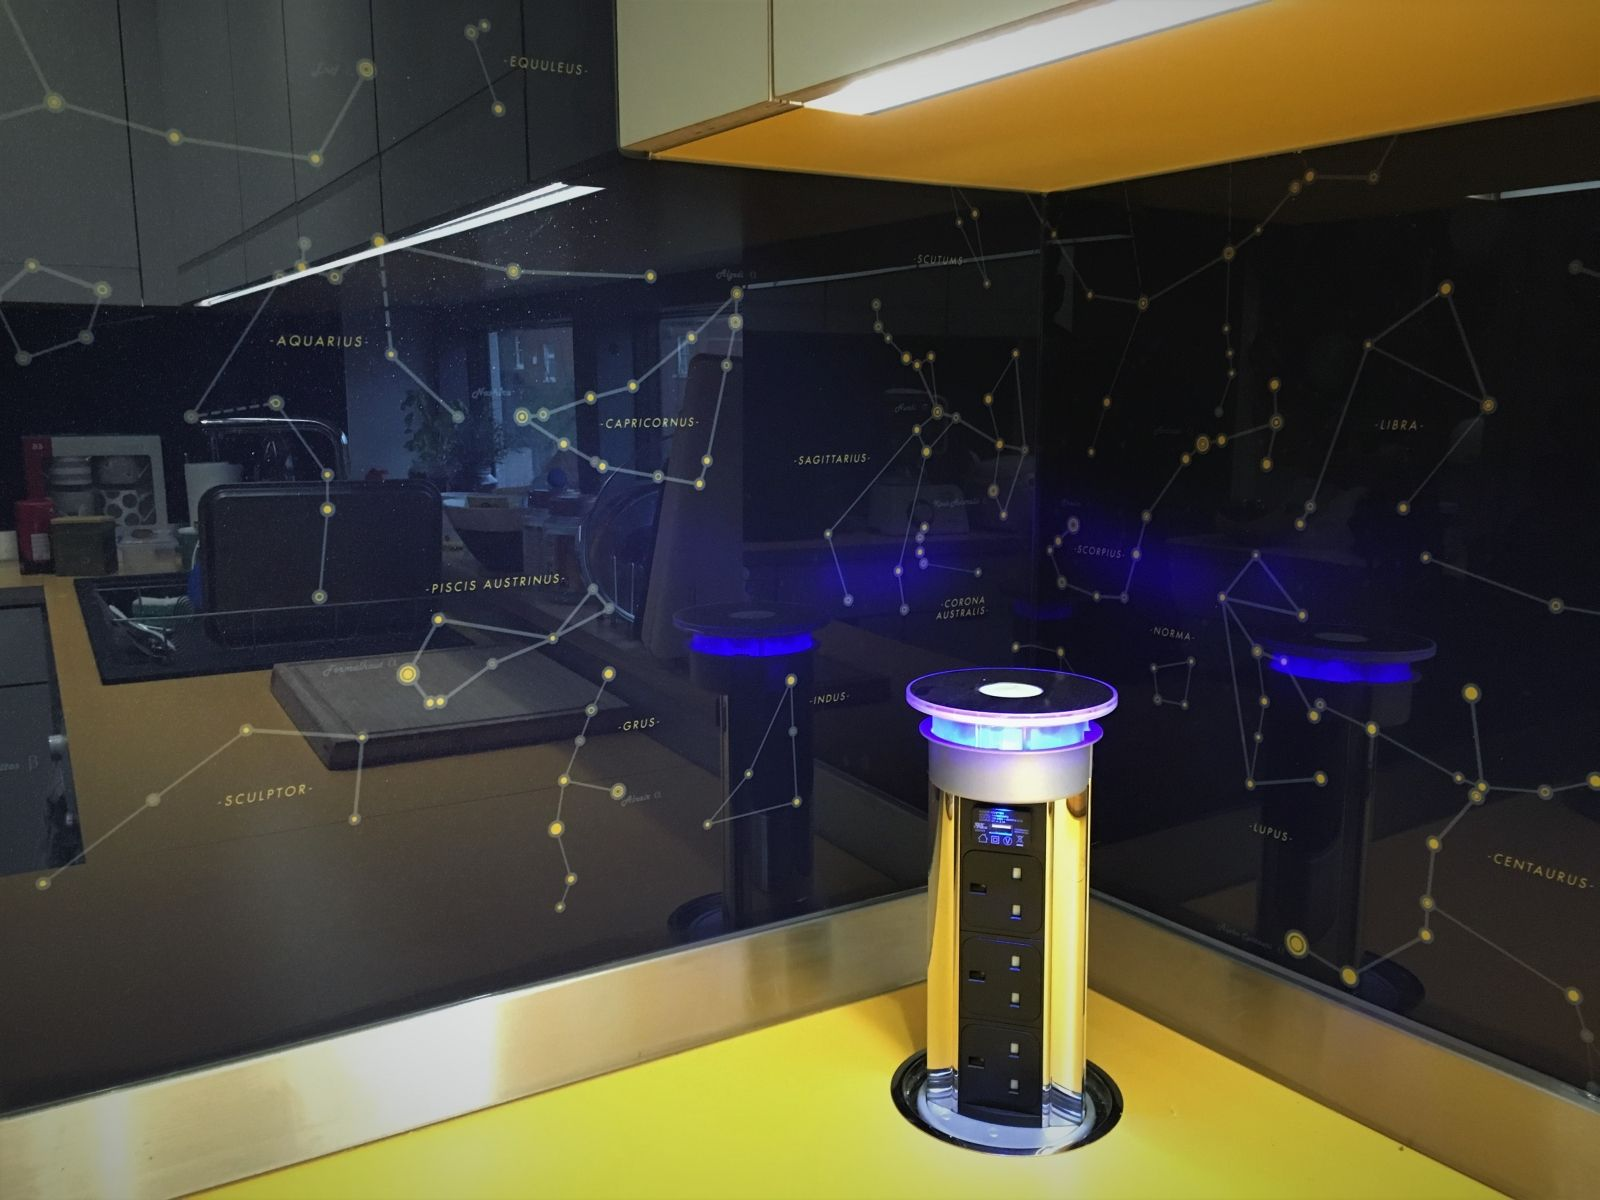 pop up power socket on kitchen worktop constellations theme